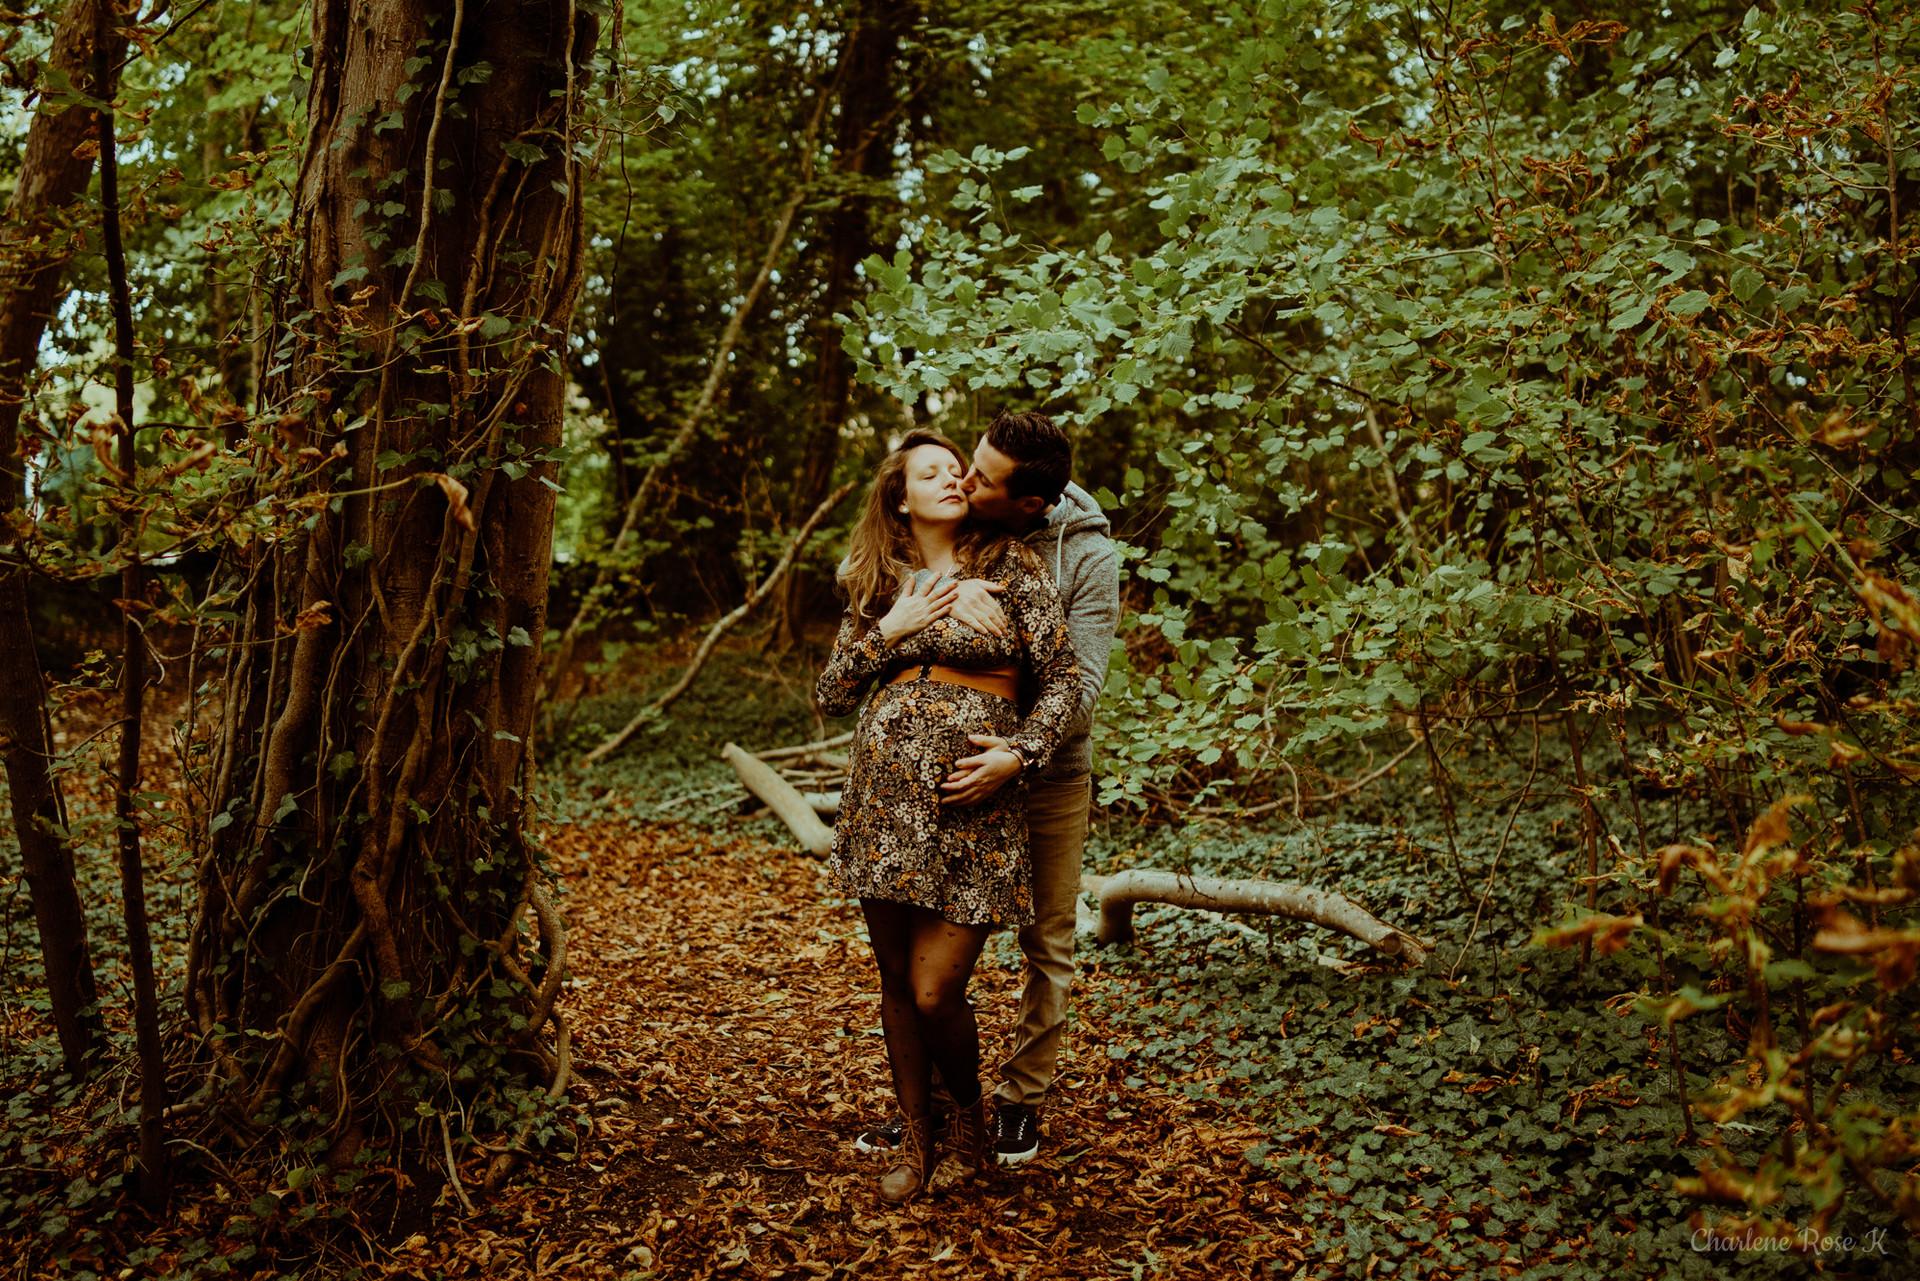 photographe-troyes-grossesse-maternité-exterieur-lifestyle-automne-crk-24